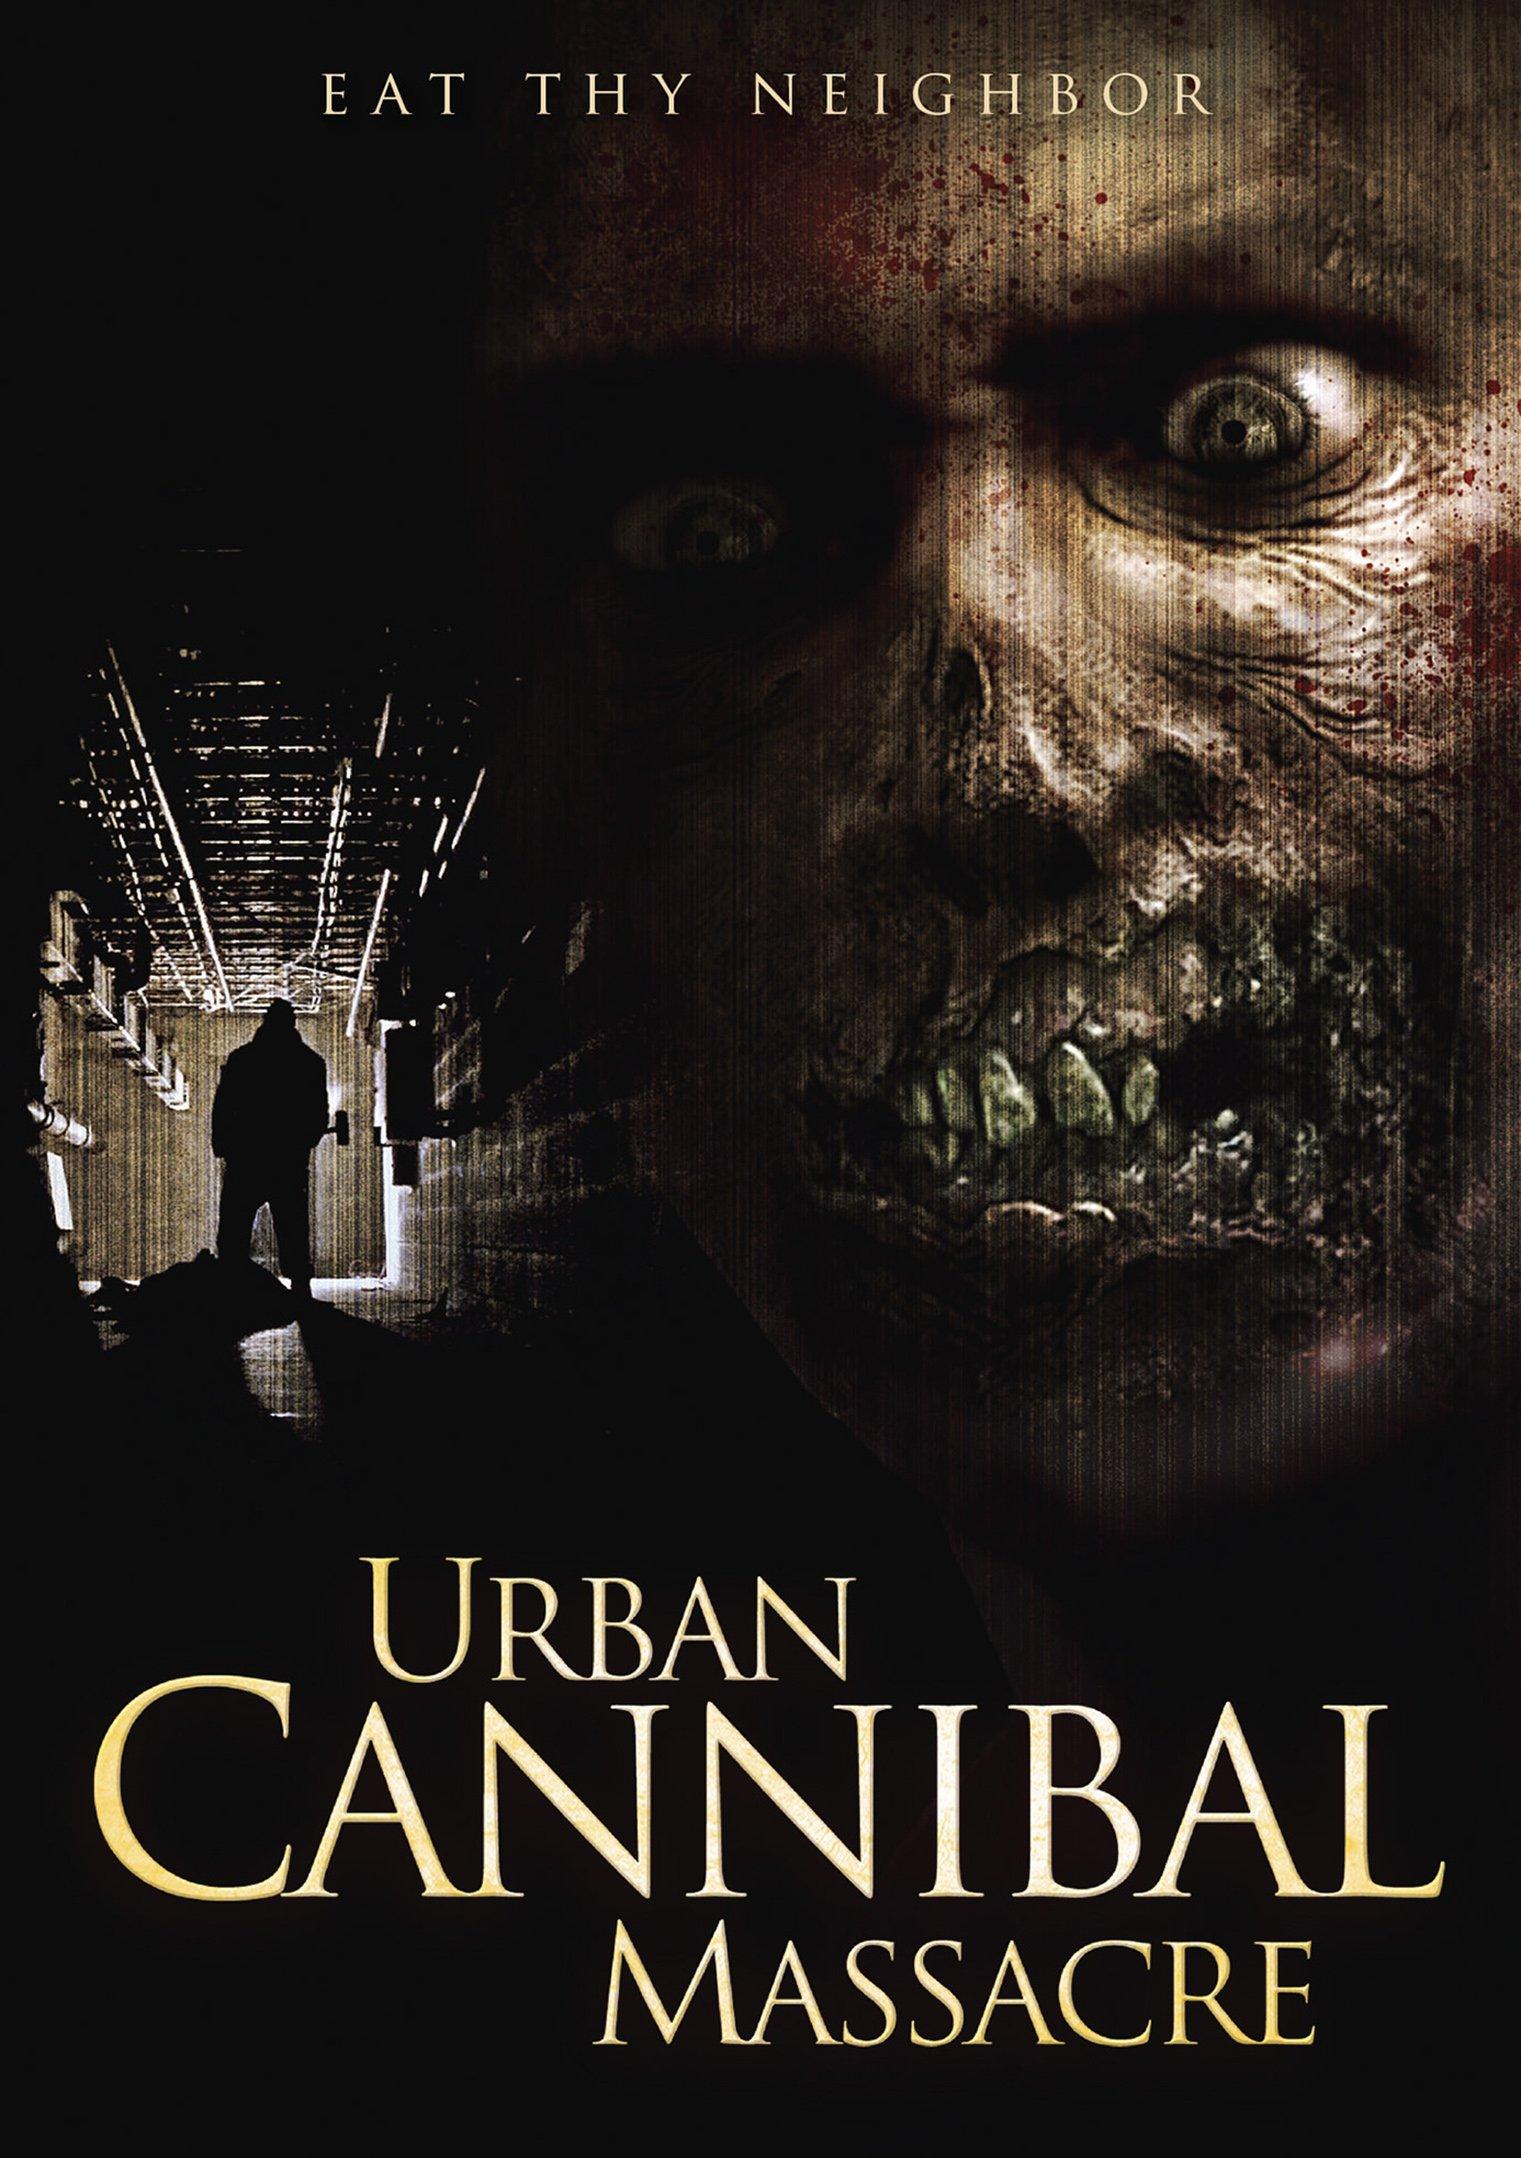 Urban Cannibal Massacre (2013) 720p WEB-DL x264 Dual Audio [Hindi DD2.0 + English DD2.0]